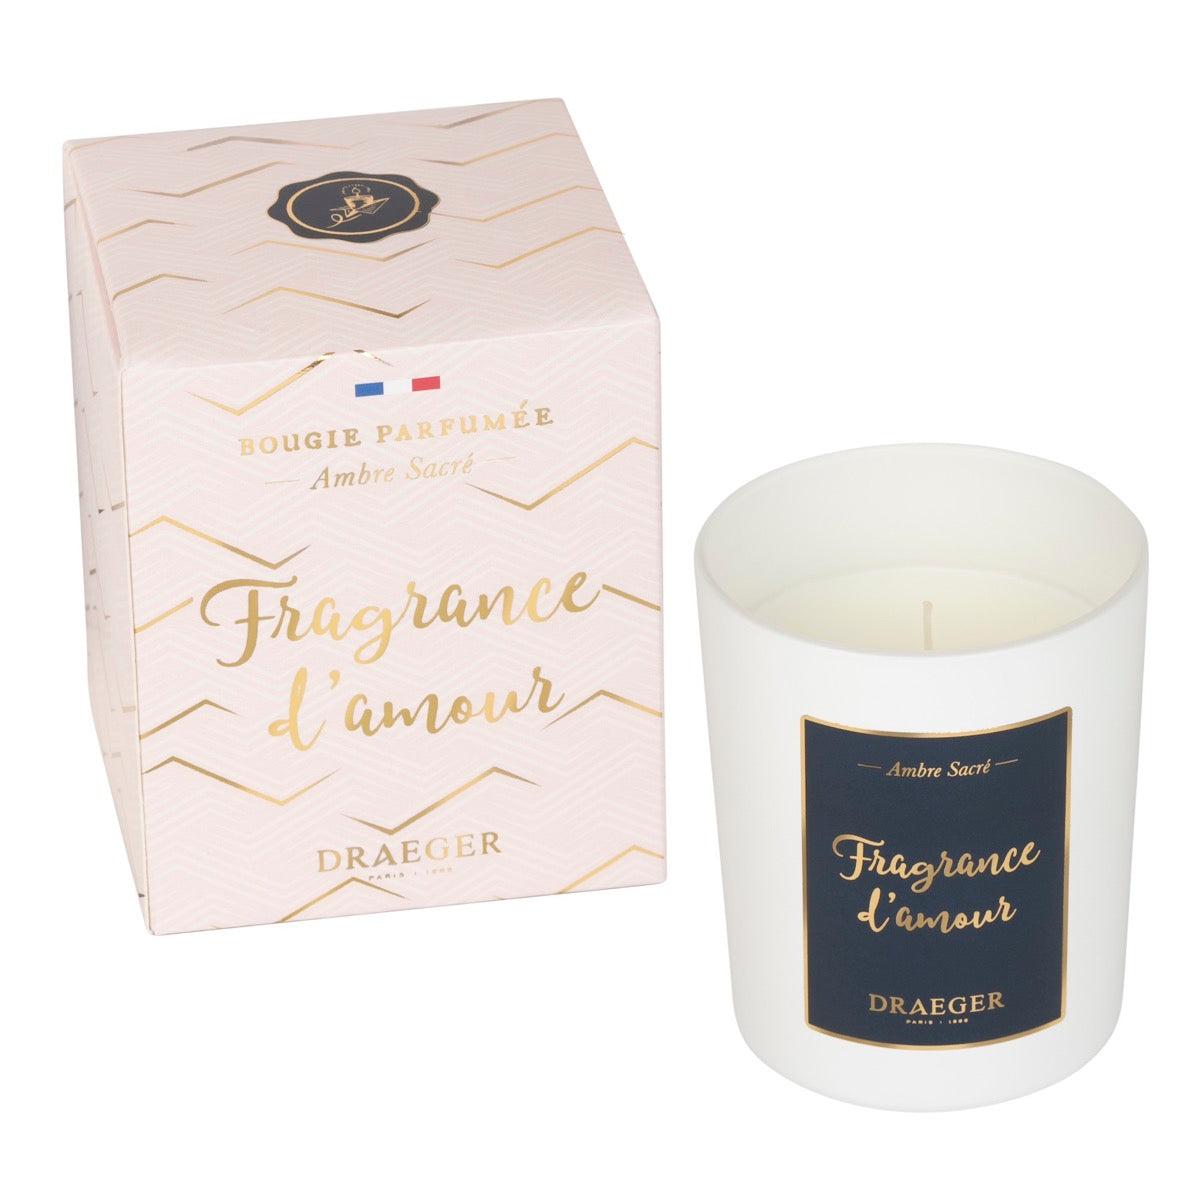 Bougie Cadeau - Fragrance D'amour